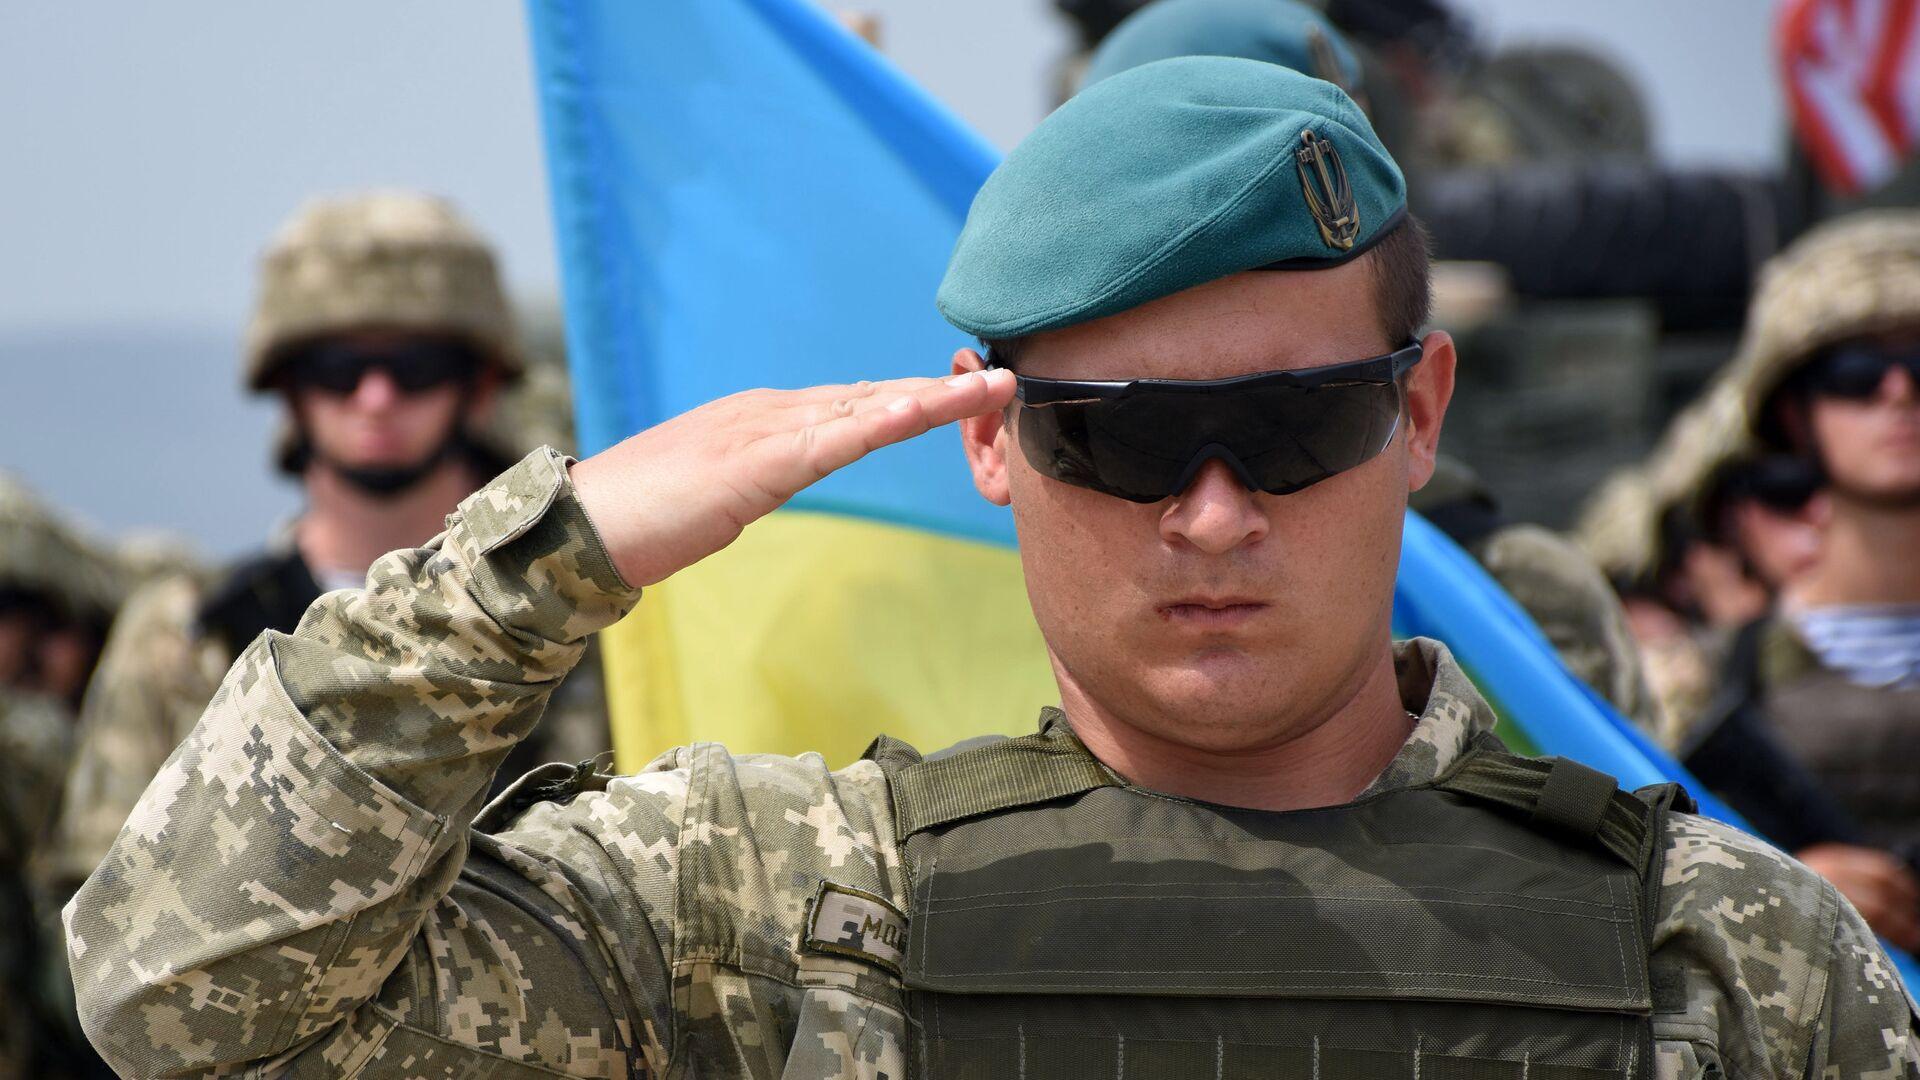 Военнослужащий армии Украины на открытии международных военных учений под эгидой НАТО в Грузии - РИА Новости, 1920, 11.06.2021